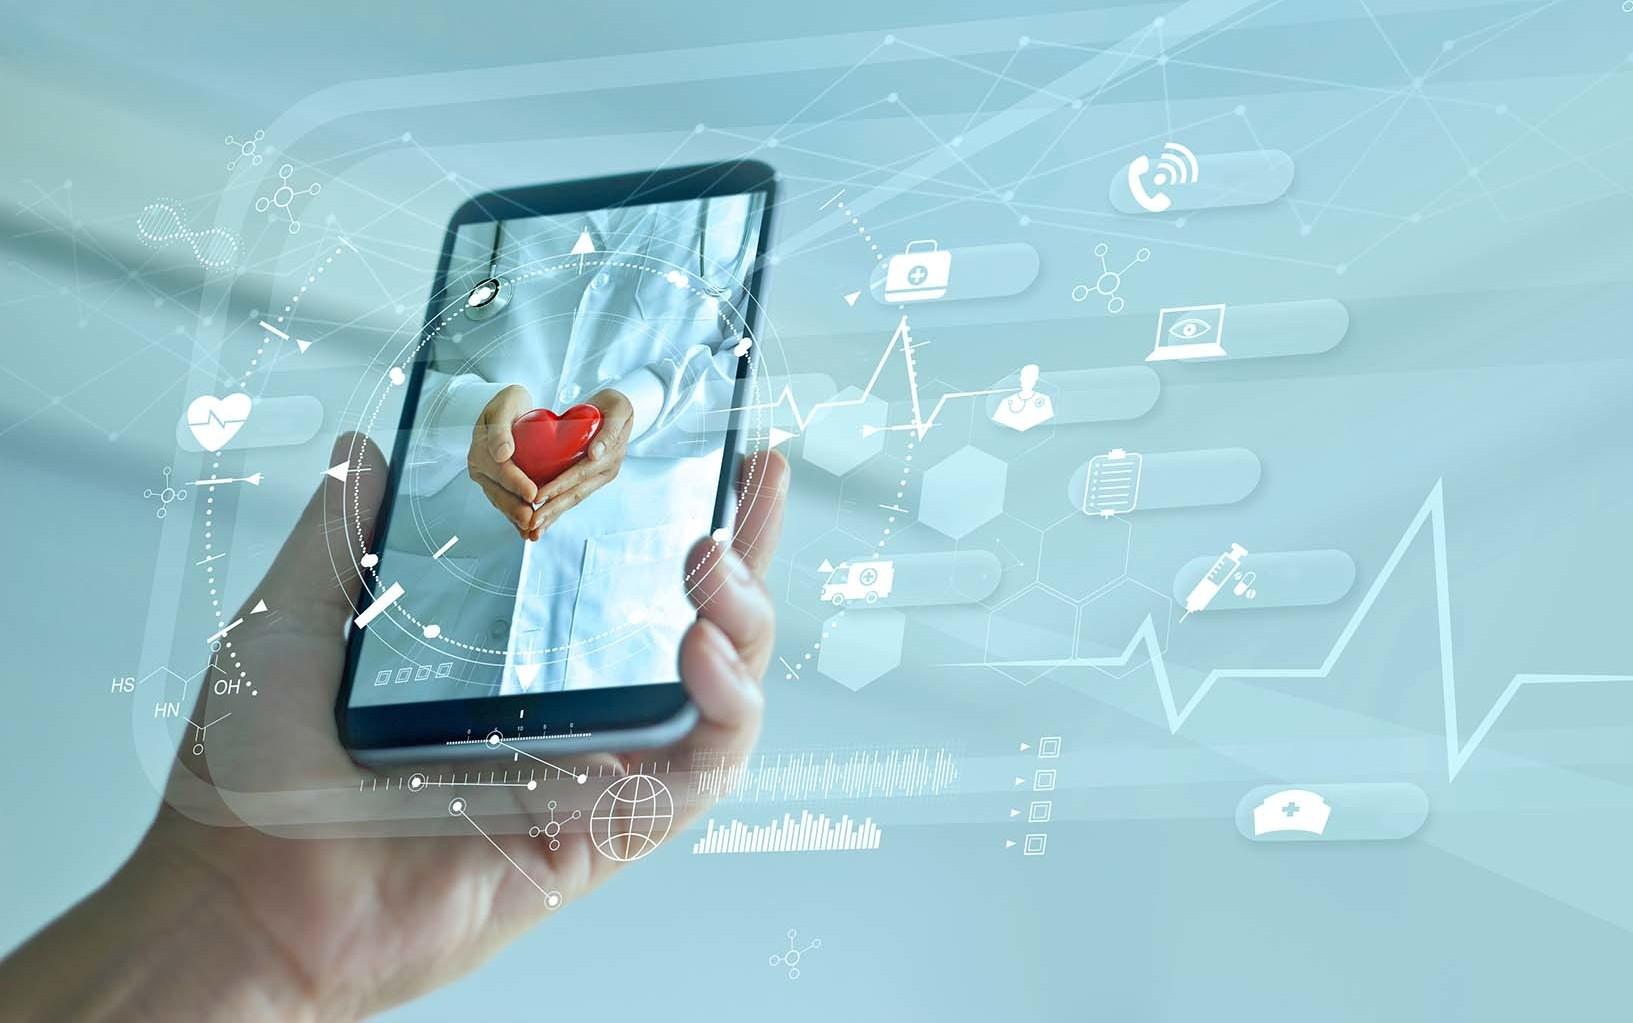 Bild zum Beitrag 'Startklar für die digitale Gesundheitswelt'